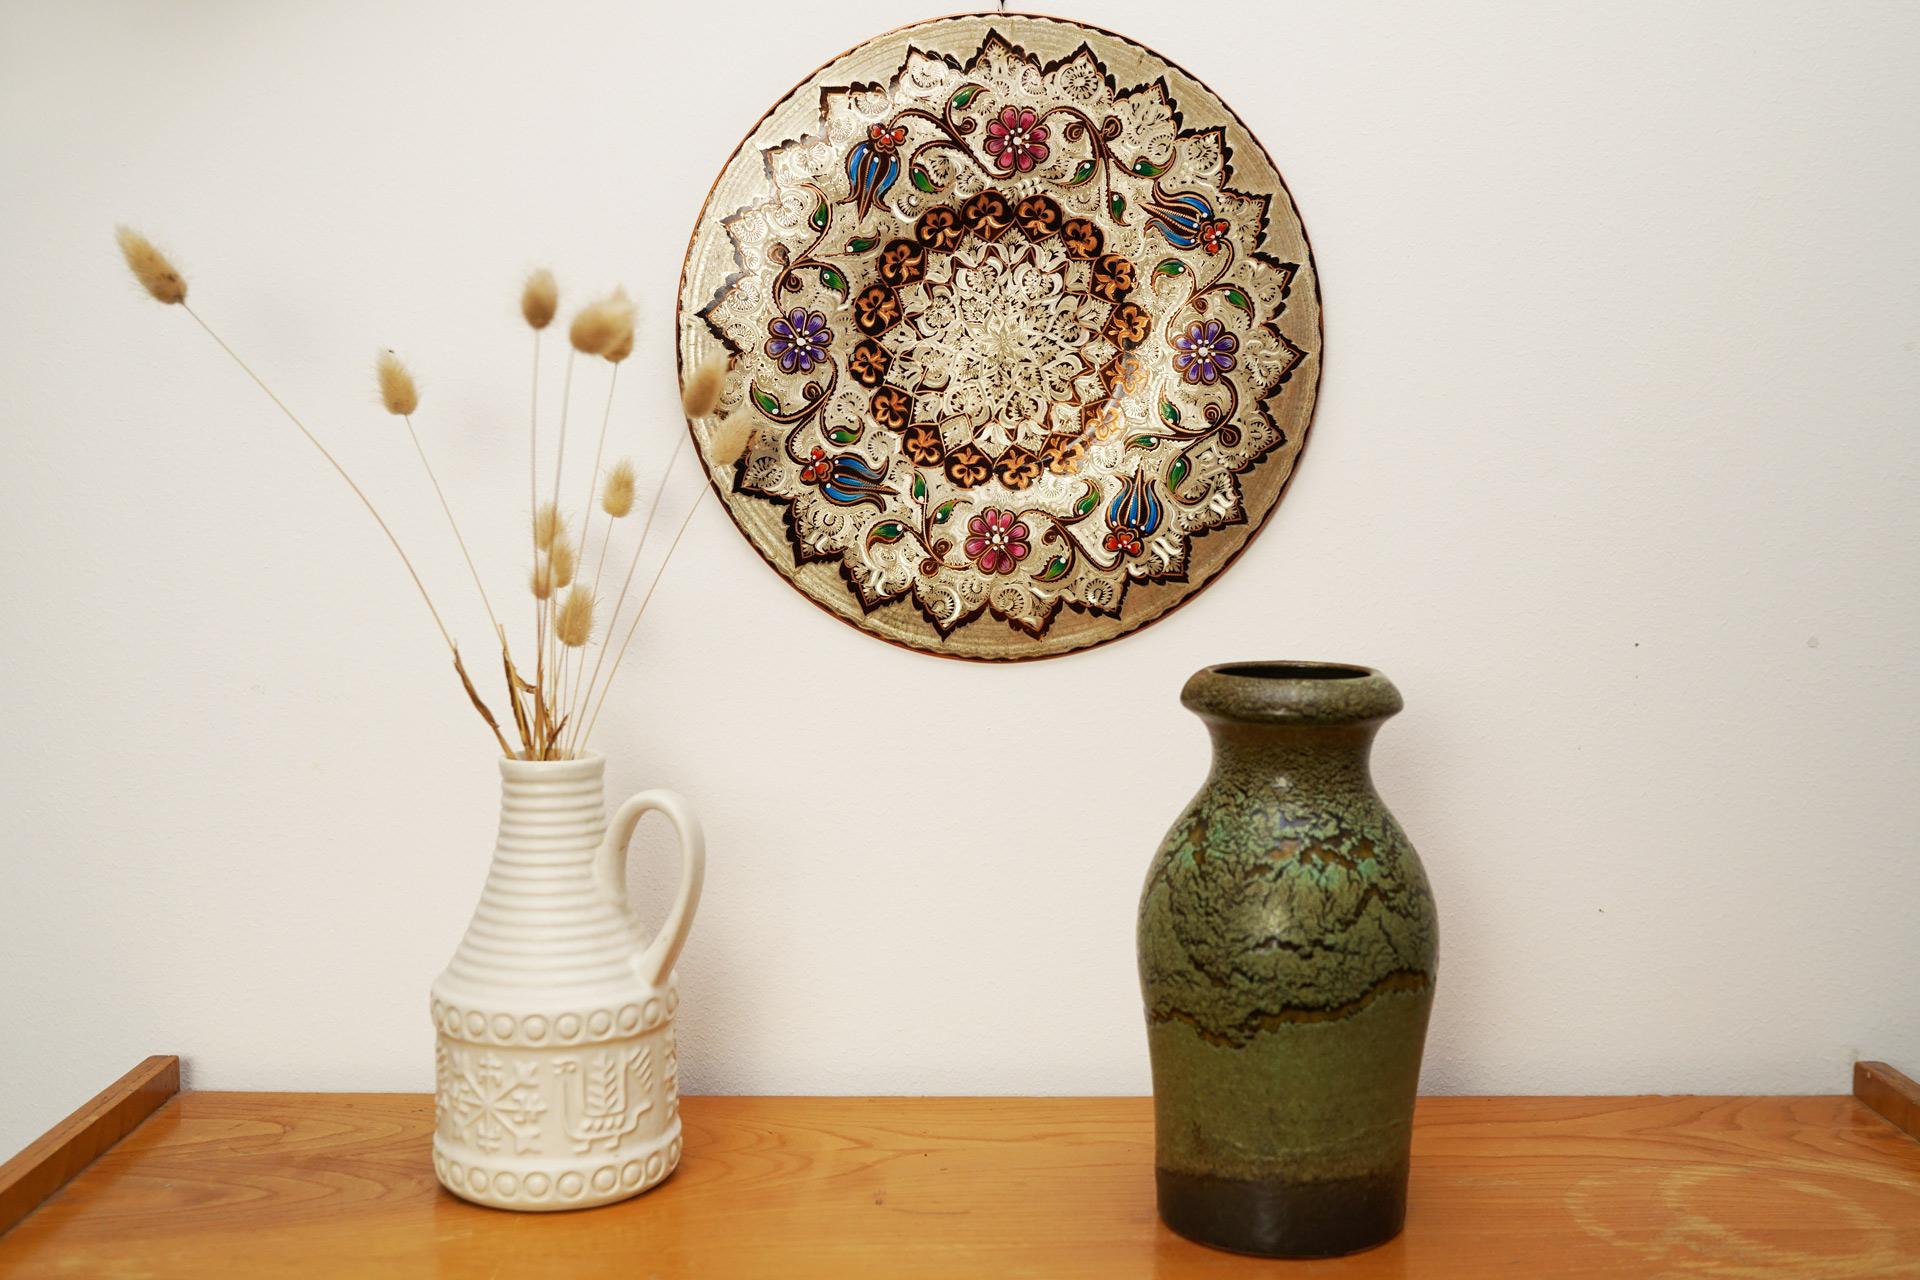 Wandteller aus Kupfer mit orientalischen Ornamenten als Wanddeko